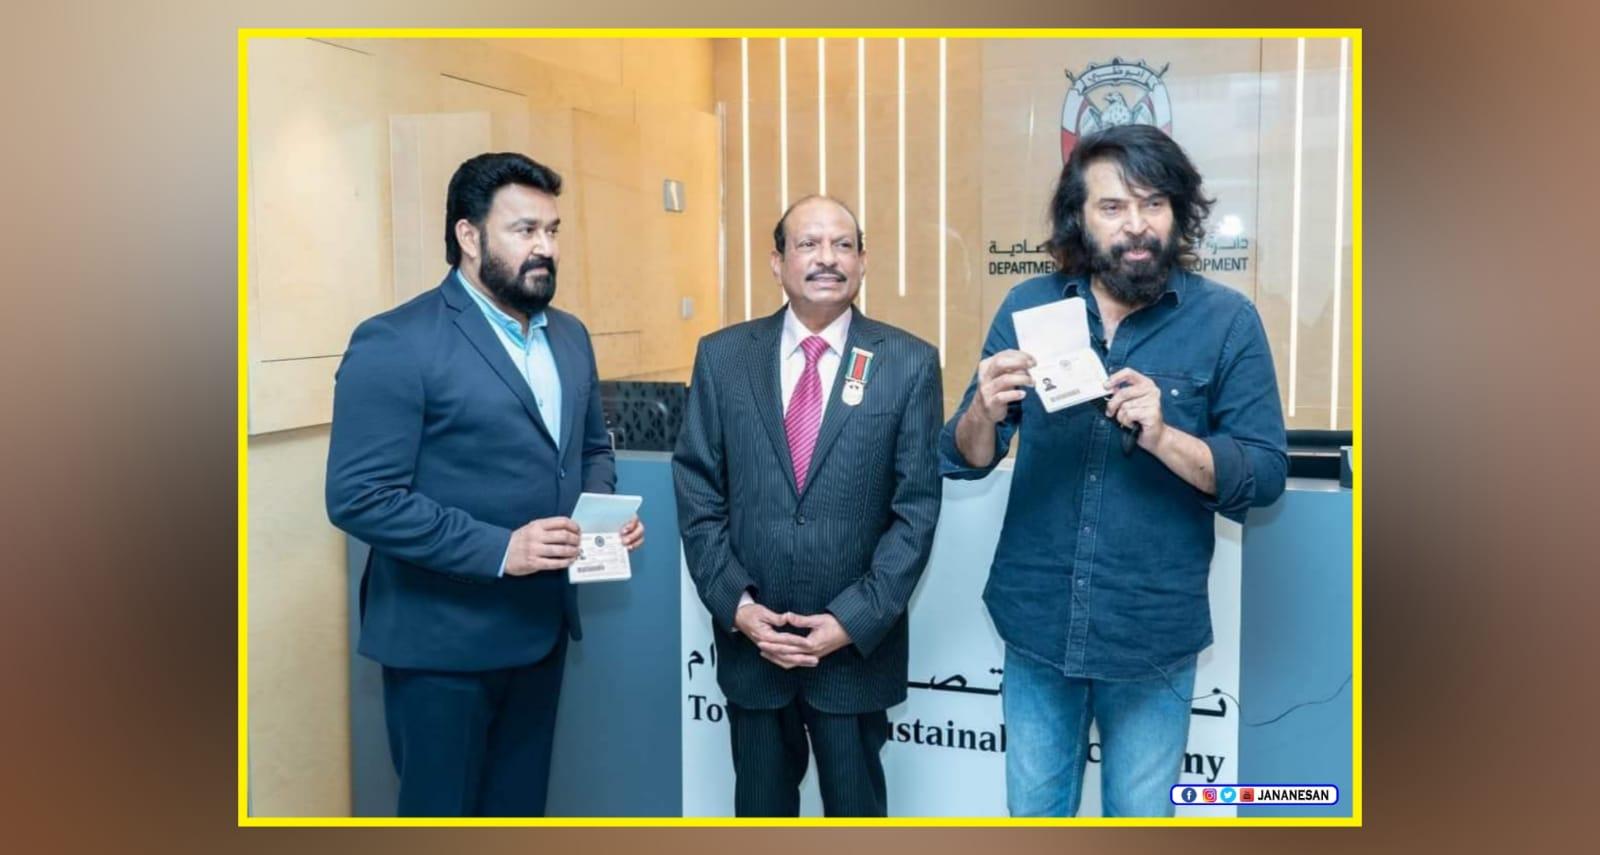 பிரபல மலையாள நடிகர்கள் மம்மூட்டி & மோகன்லாலுக்கு 10 ஆண்டுக்கான கோல்டன் விசா..!